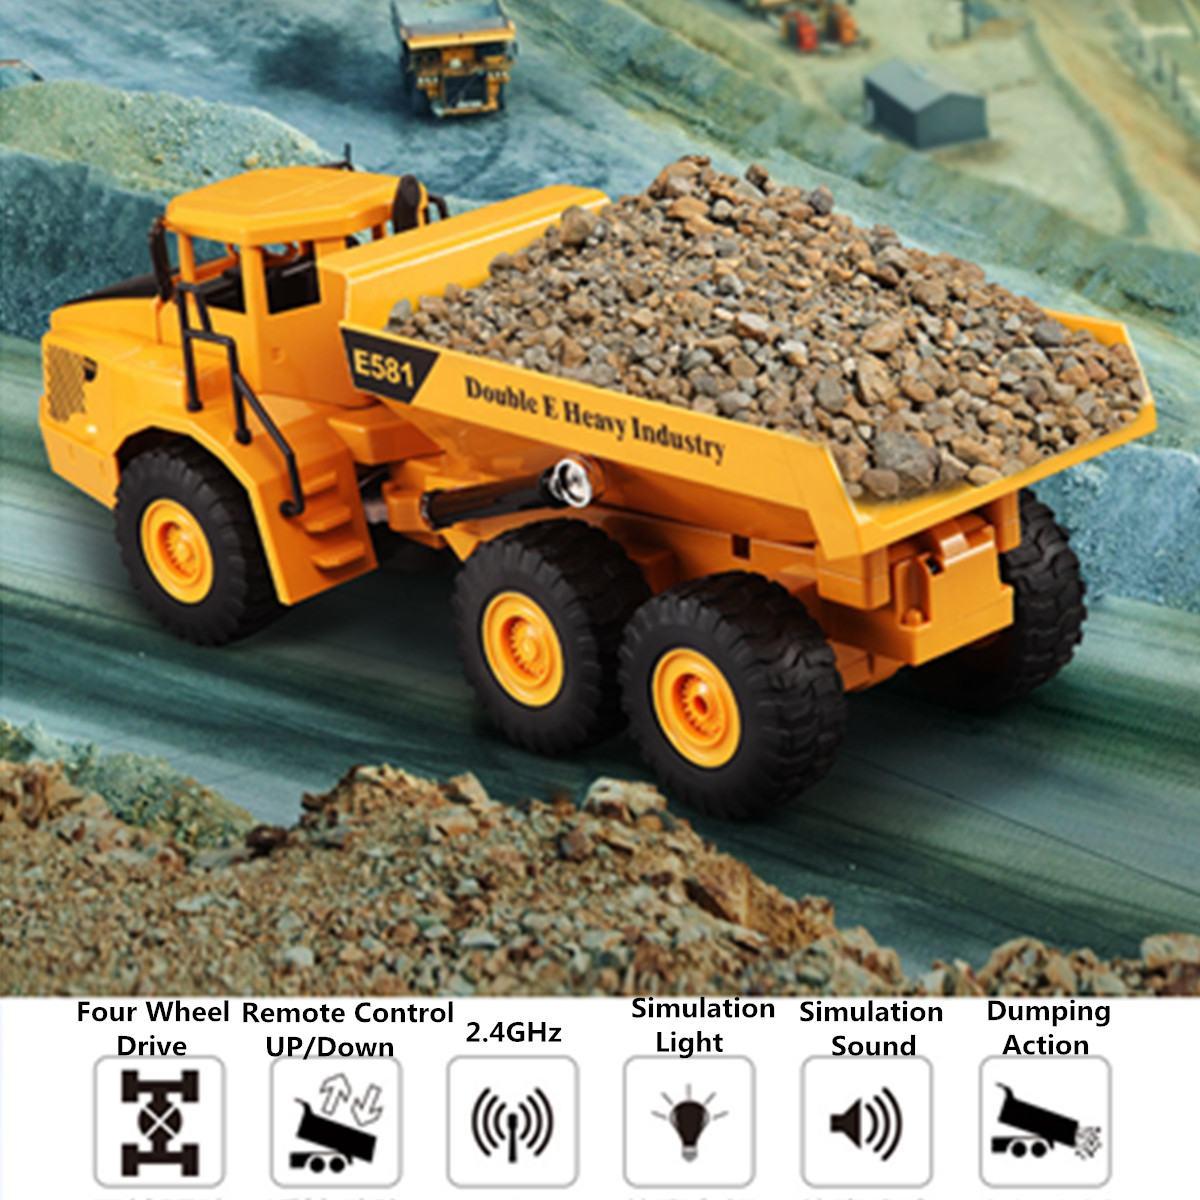 Modèle de camion d'ingénierie électrique en plastique ABS 2.4 Ghz canal RC camion camion à benne basculante télécommandé jouet complet pour enfants garçons